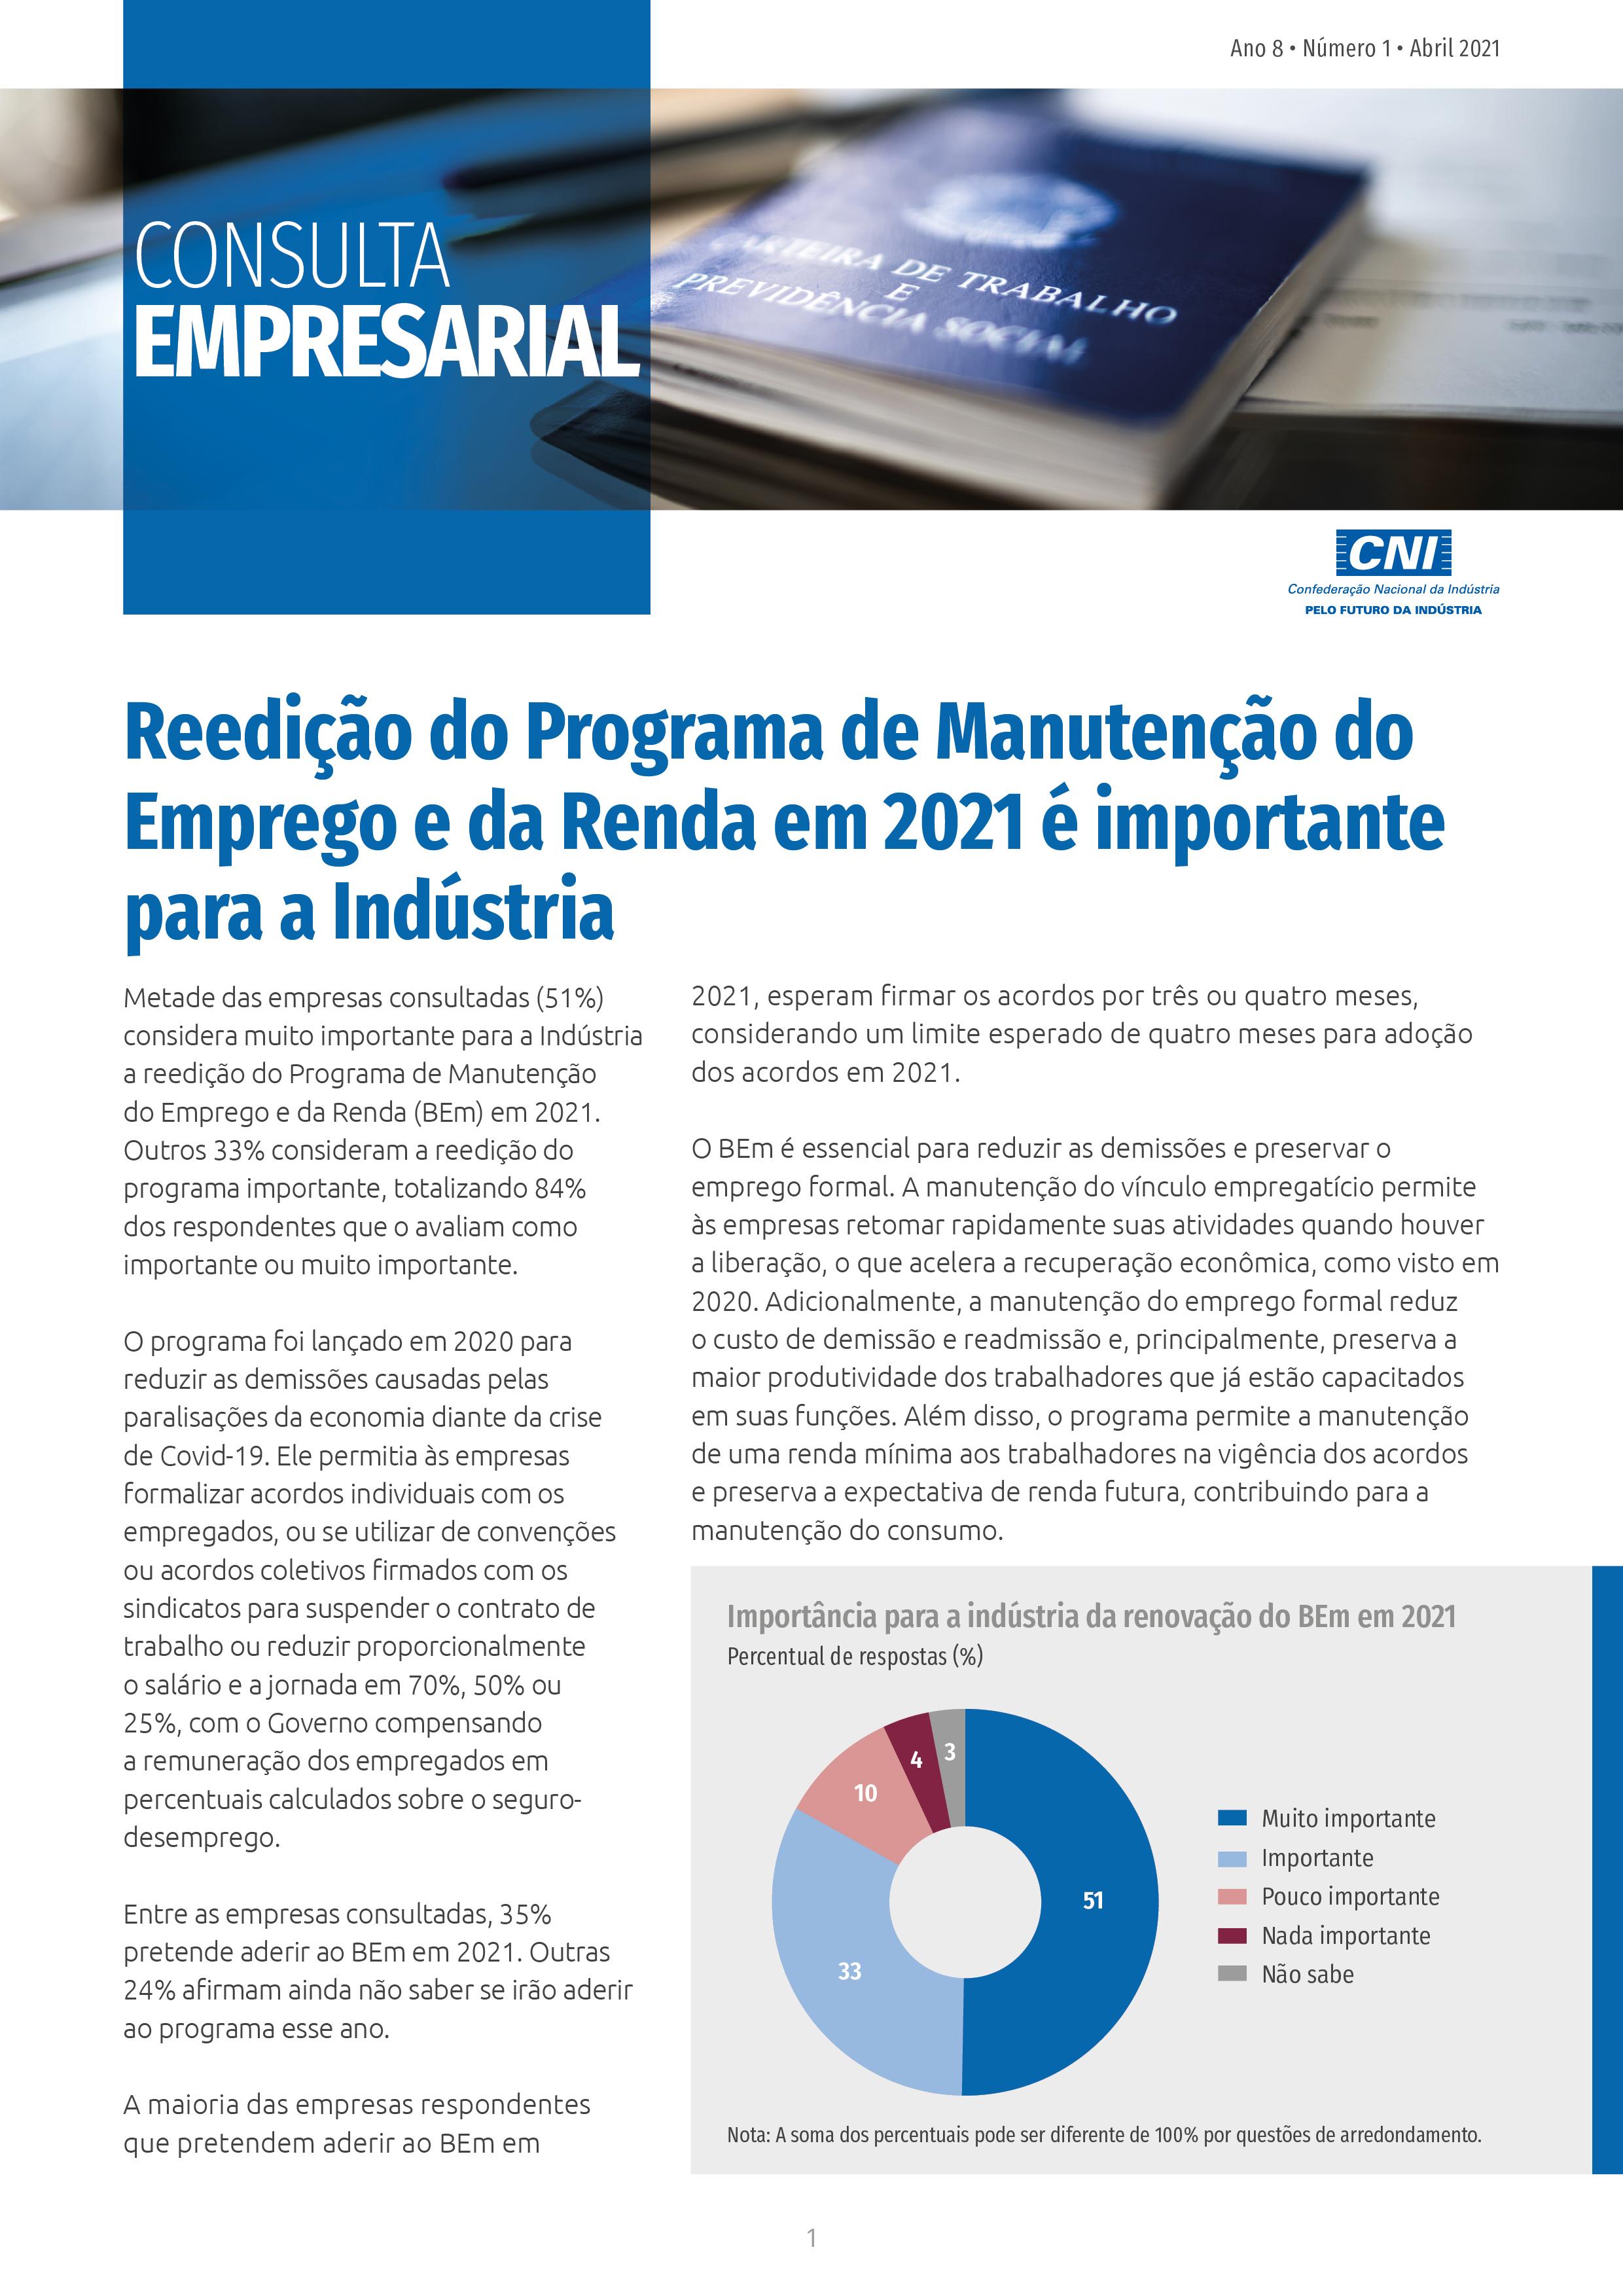 CE - Programa de Manutenção do Emprego e da Renda em 2021